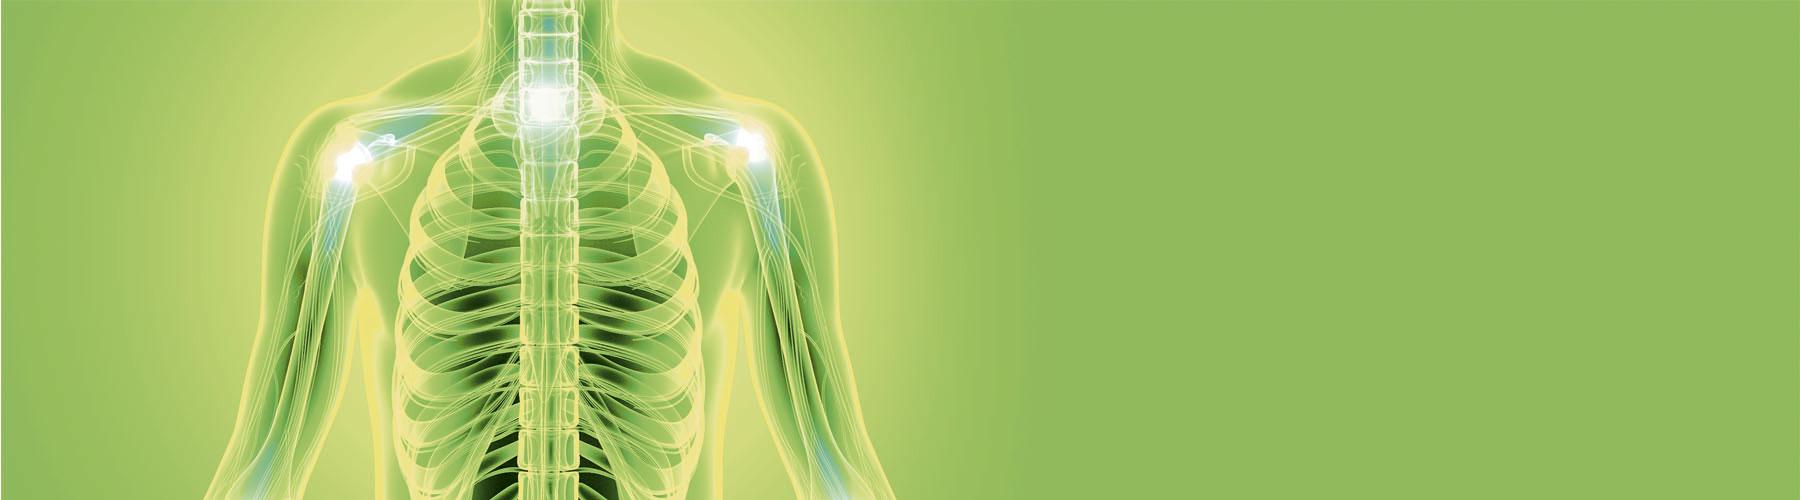 Course Image Trastornos osteoarticulares, musculares e inmunológicos 2ª edición